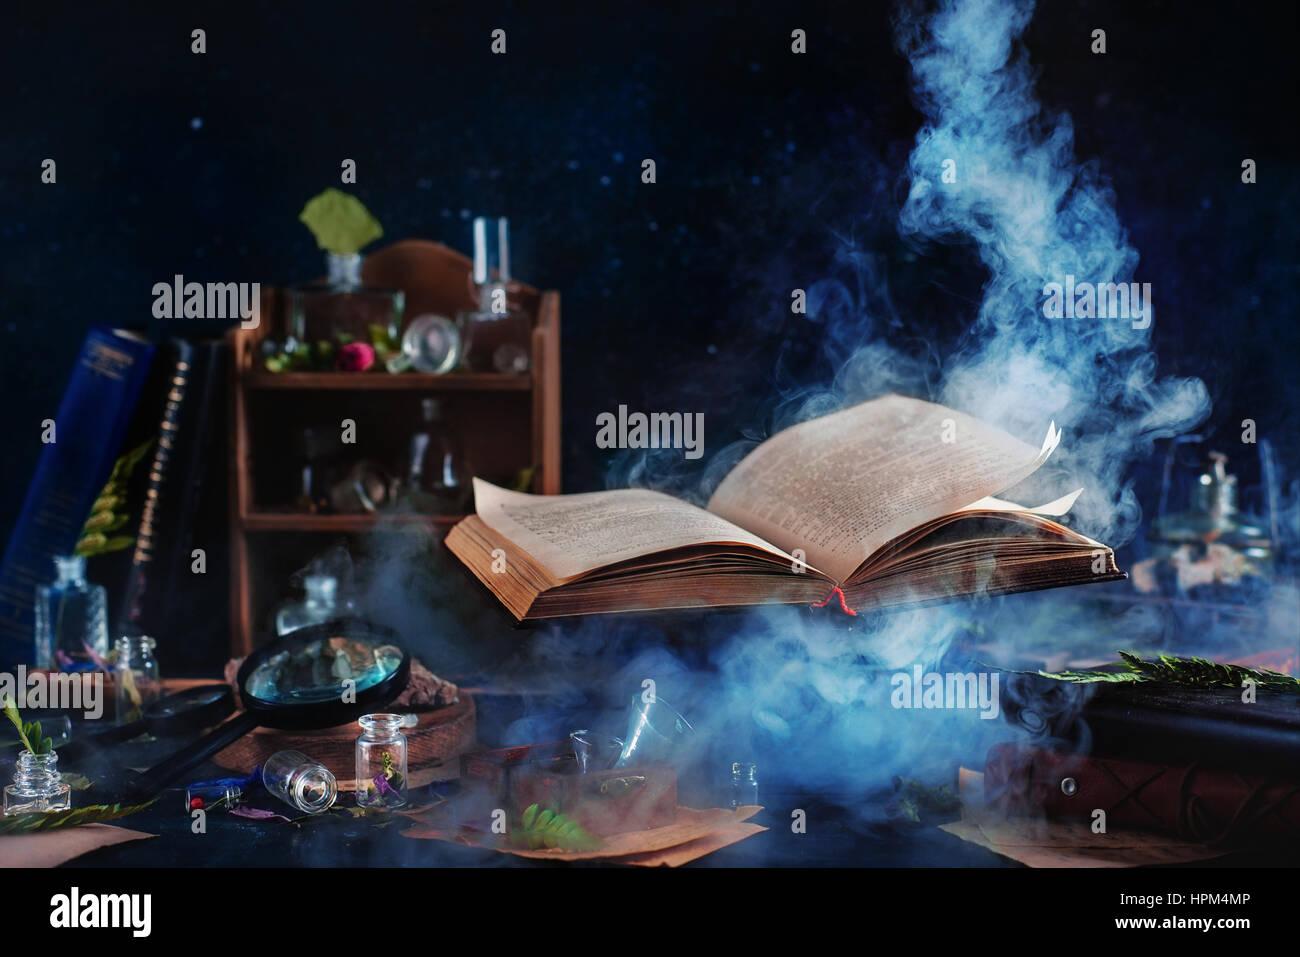 Stillleben mit Buch der Zaubersprüche, Gläser und Flaschen auf einem dunklen Hintergrund mit steigenden Stockbild